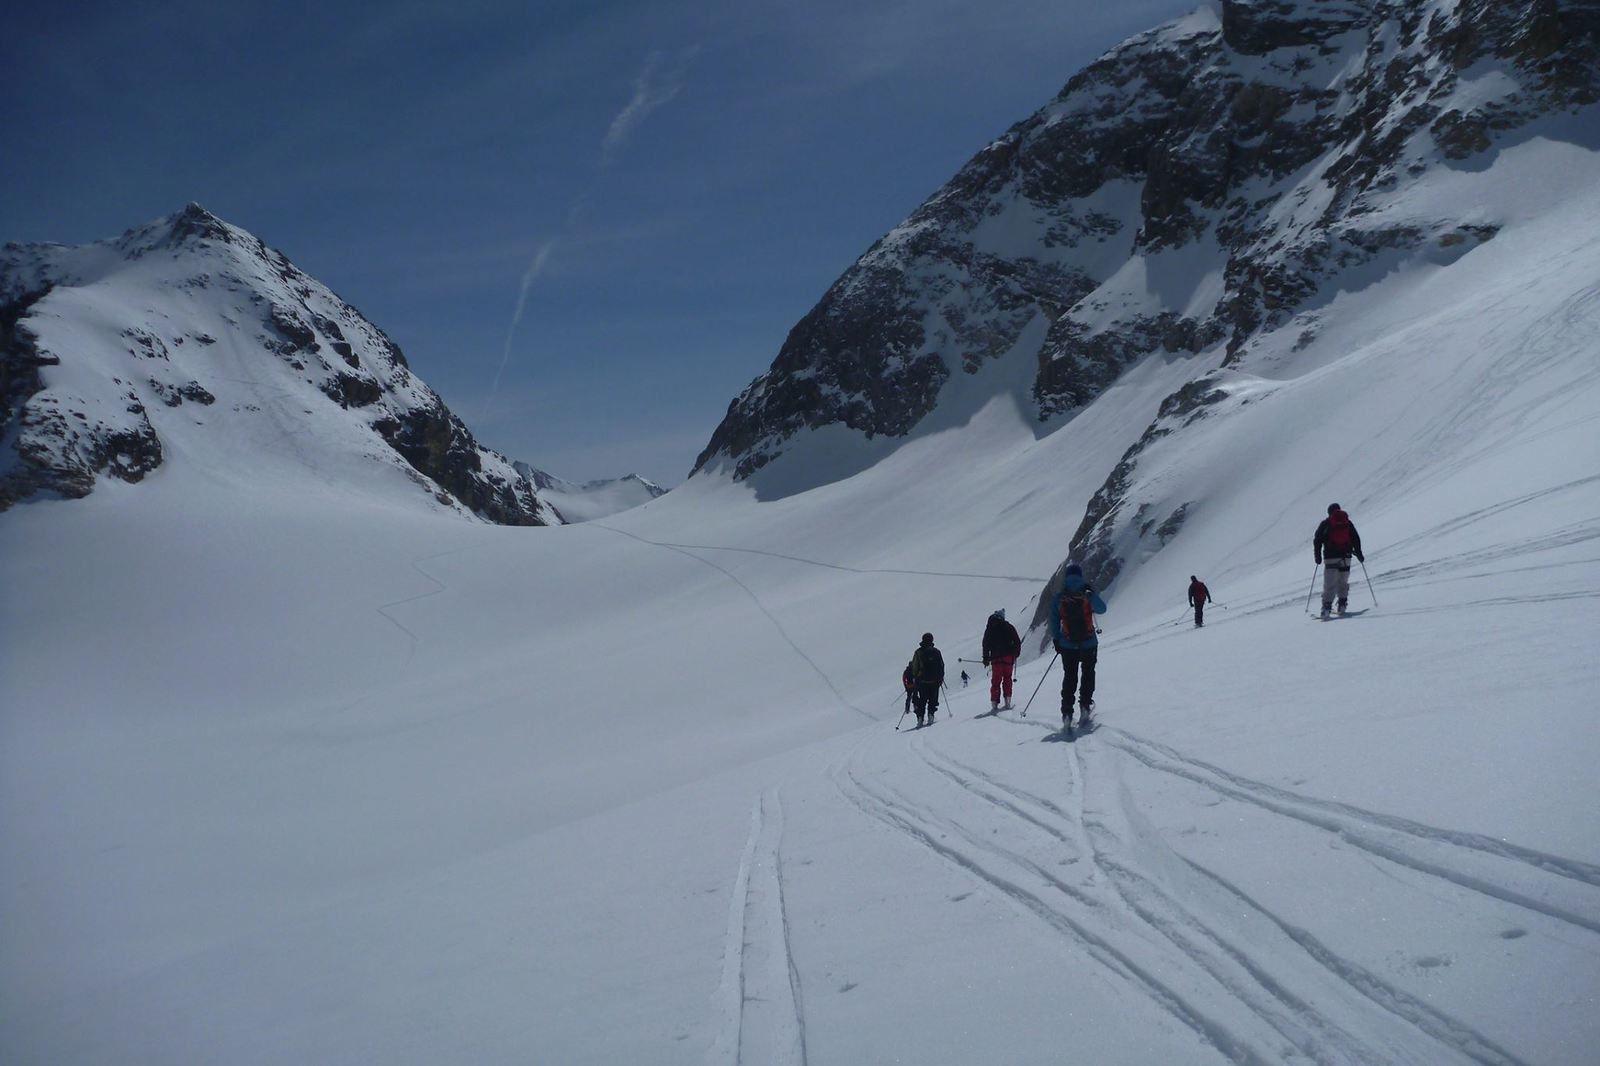 Ski de randonnée dans la Val d'Aoste - Italie    Nuits au refuge de Bénévolo (on y mange de trés bonnes pastas malgré l'isolement et les douches y sont chaudes !)